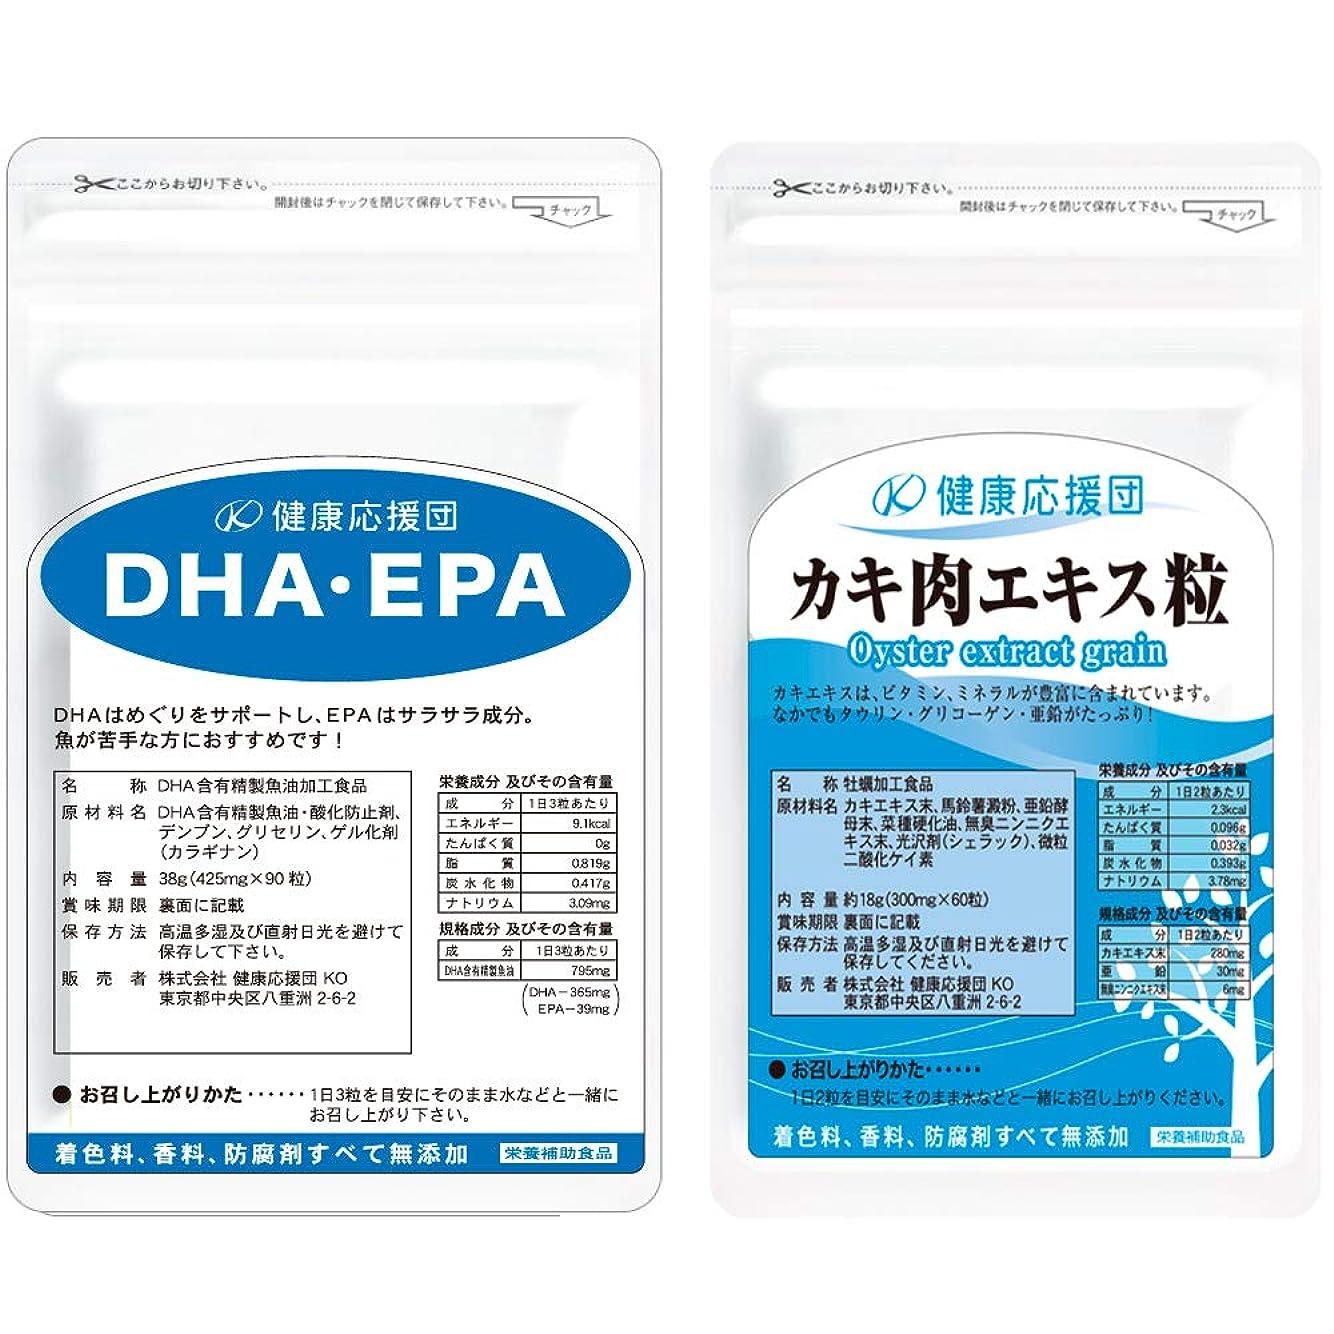 かかわらず不名誉パーティー【DHA?EPA】&【濃縮牡蠣エキス粒】 肝臓の応援セット!肝臓の数値が高めの方にお勧め!